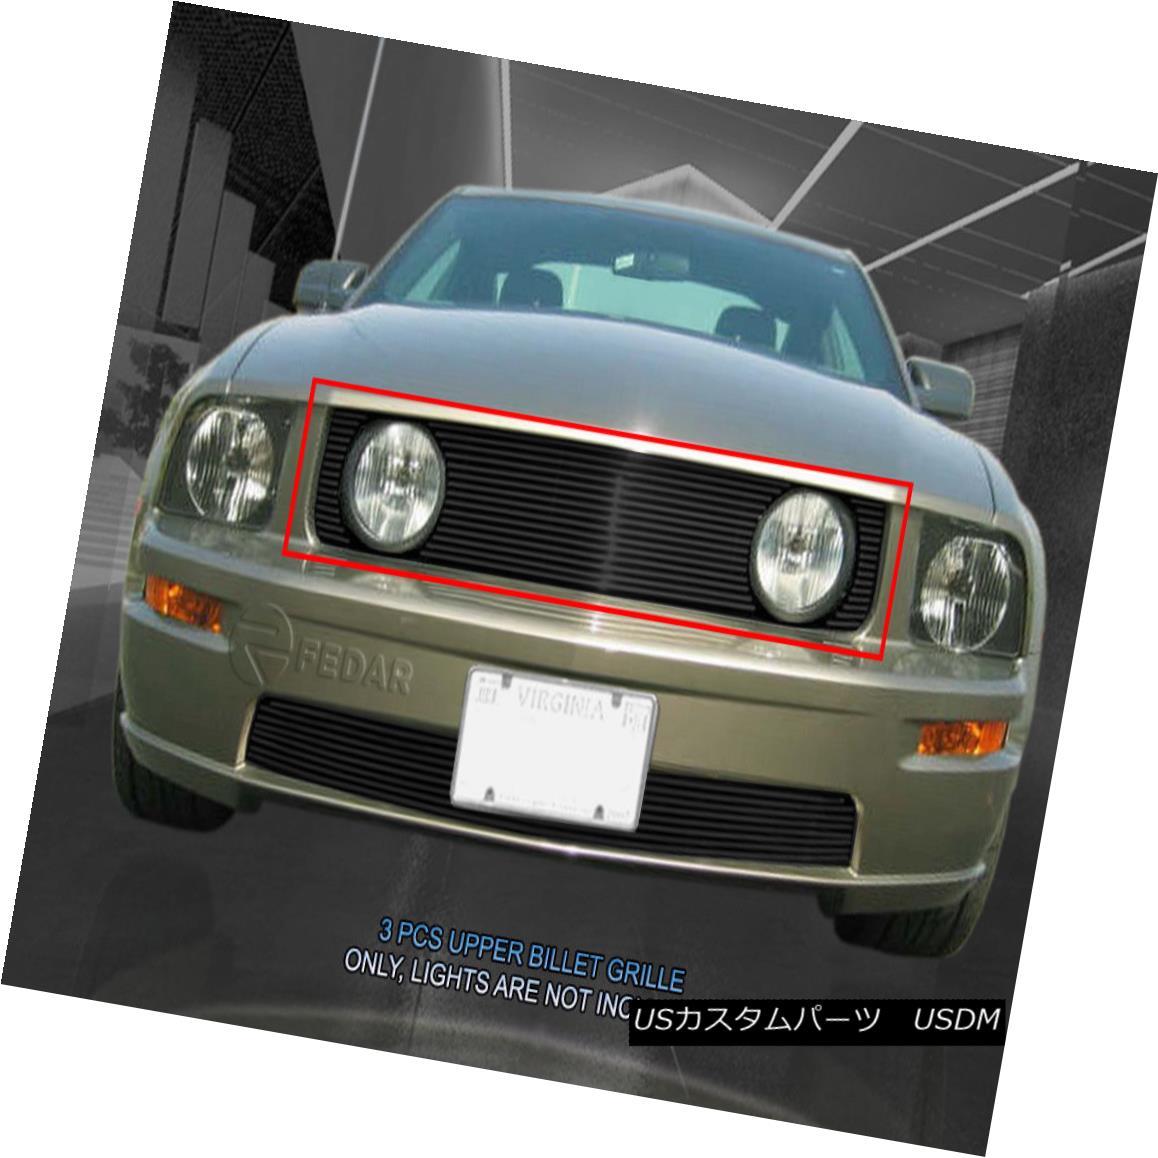 グリル 05-09 Ford Mustang GT V8 Billet Black Upper Grille Grill Insert  B183 Fedar 05-09フォードマスタングGT V8ビレットブラックアッパーグリルグリルインサートB183 Fedar